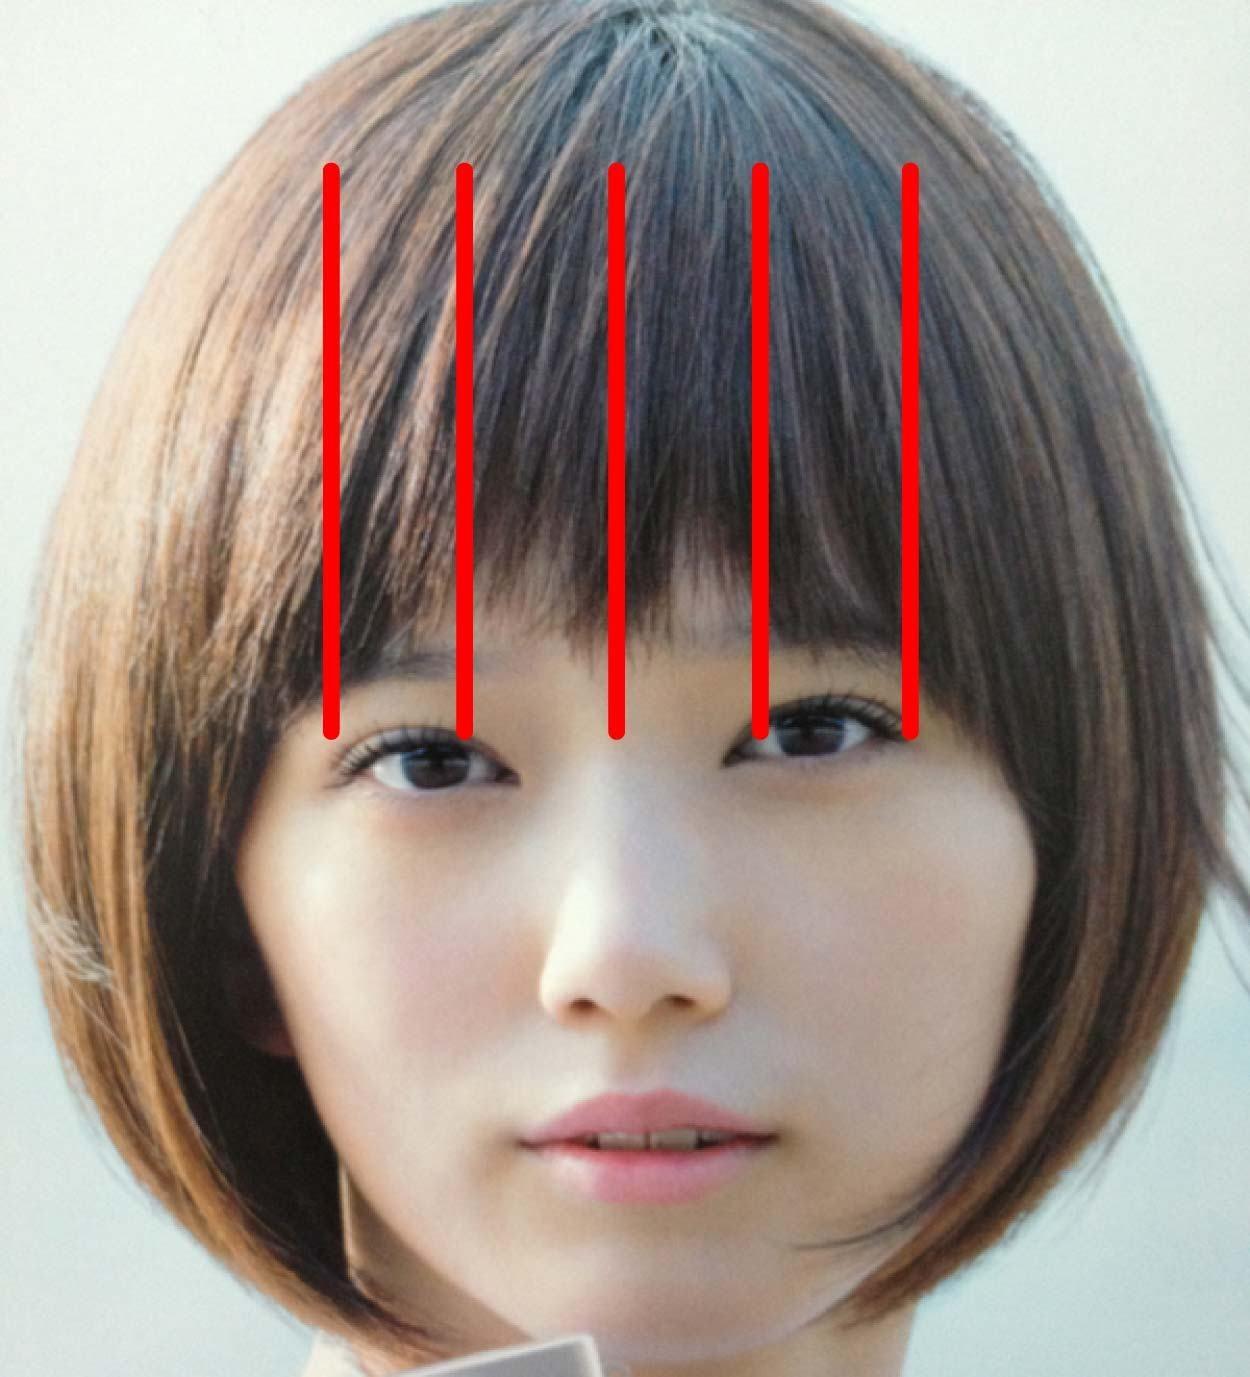 本田翼風髪型 短い前髪の切り方 セルフカットのやり方 前髪 ヘアアクセサリー 髪型 前髪